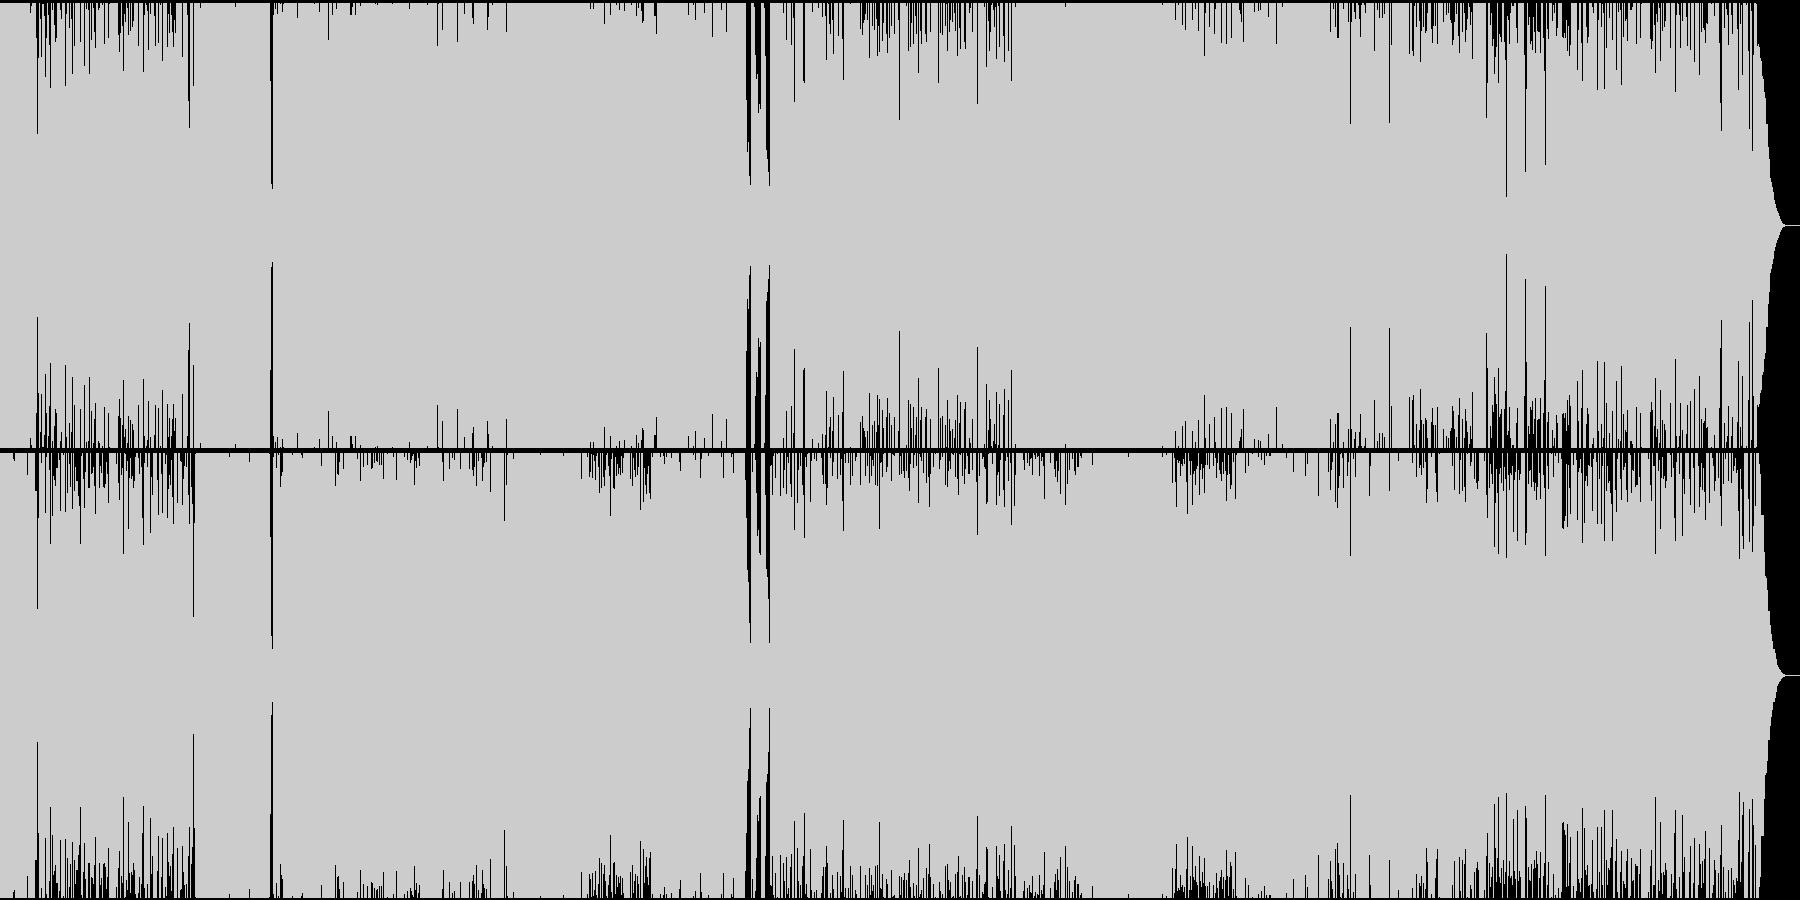 とても激しいスラッシュメタルの未再生の波形